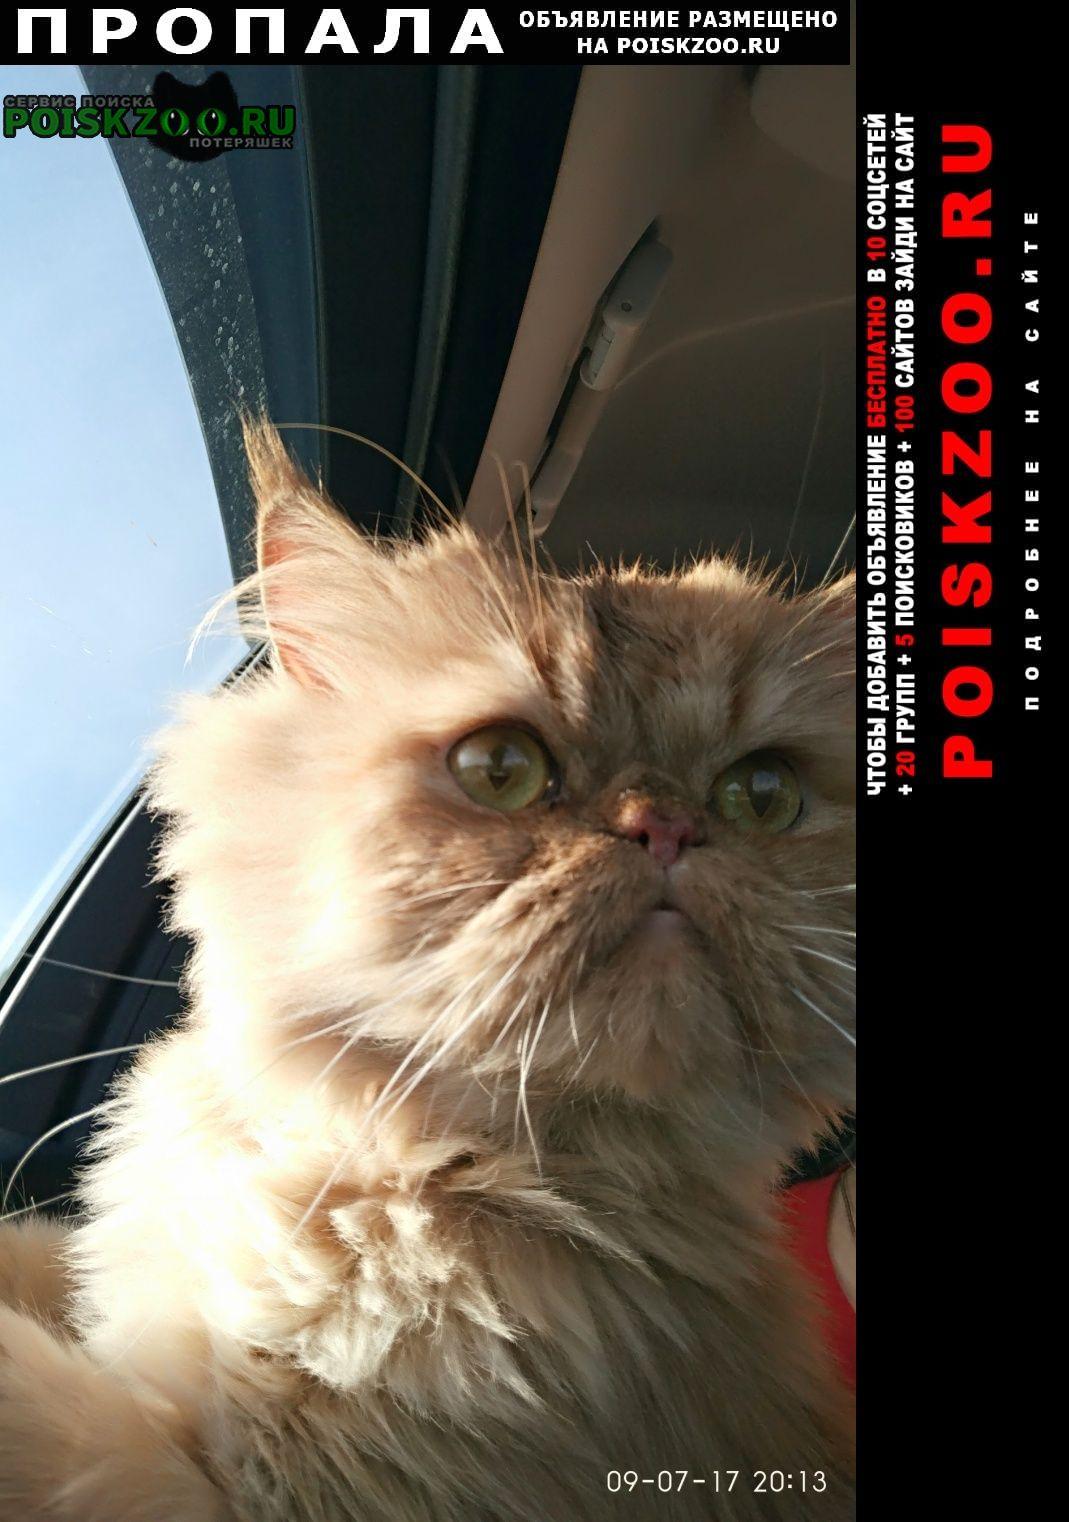 Пропал кот цвет рыжий, глаза зеленые, порода перс Мурманск